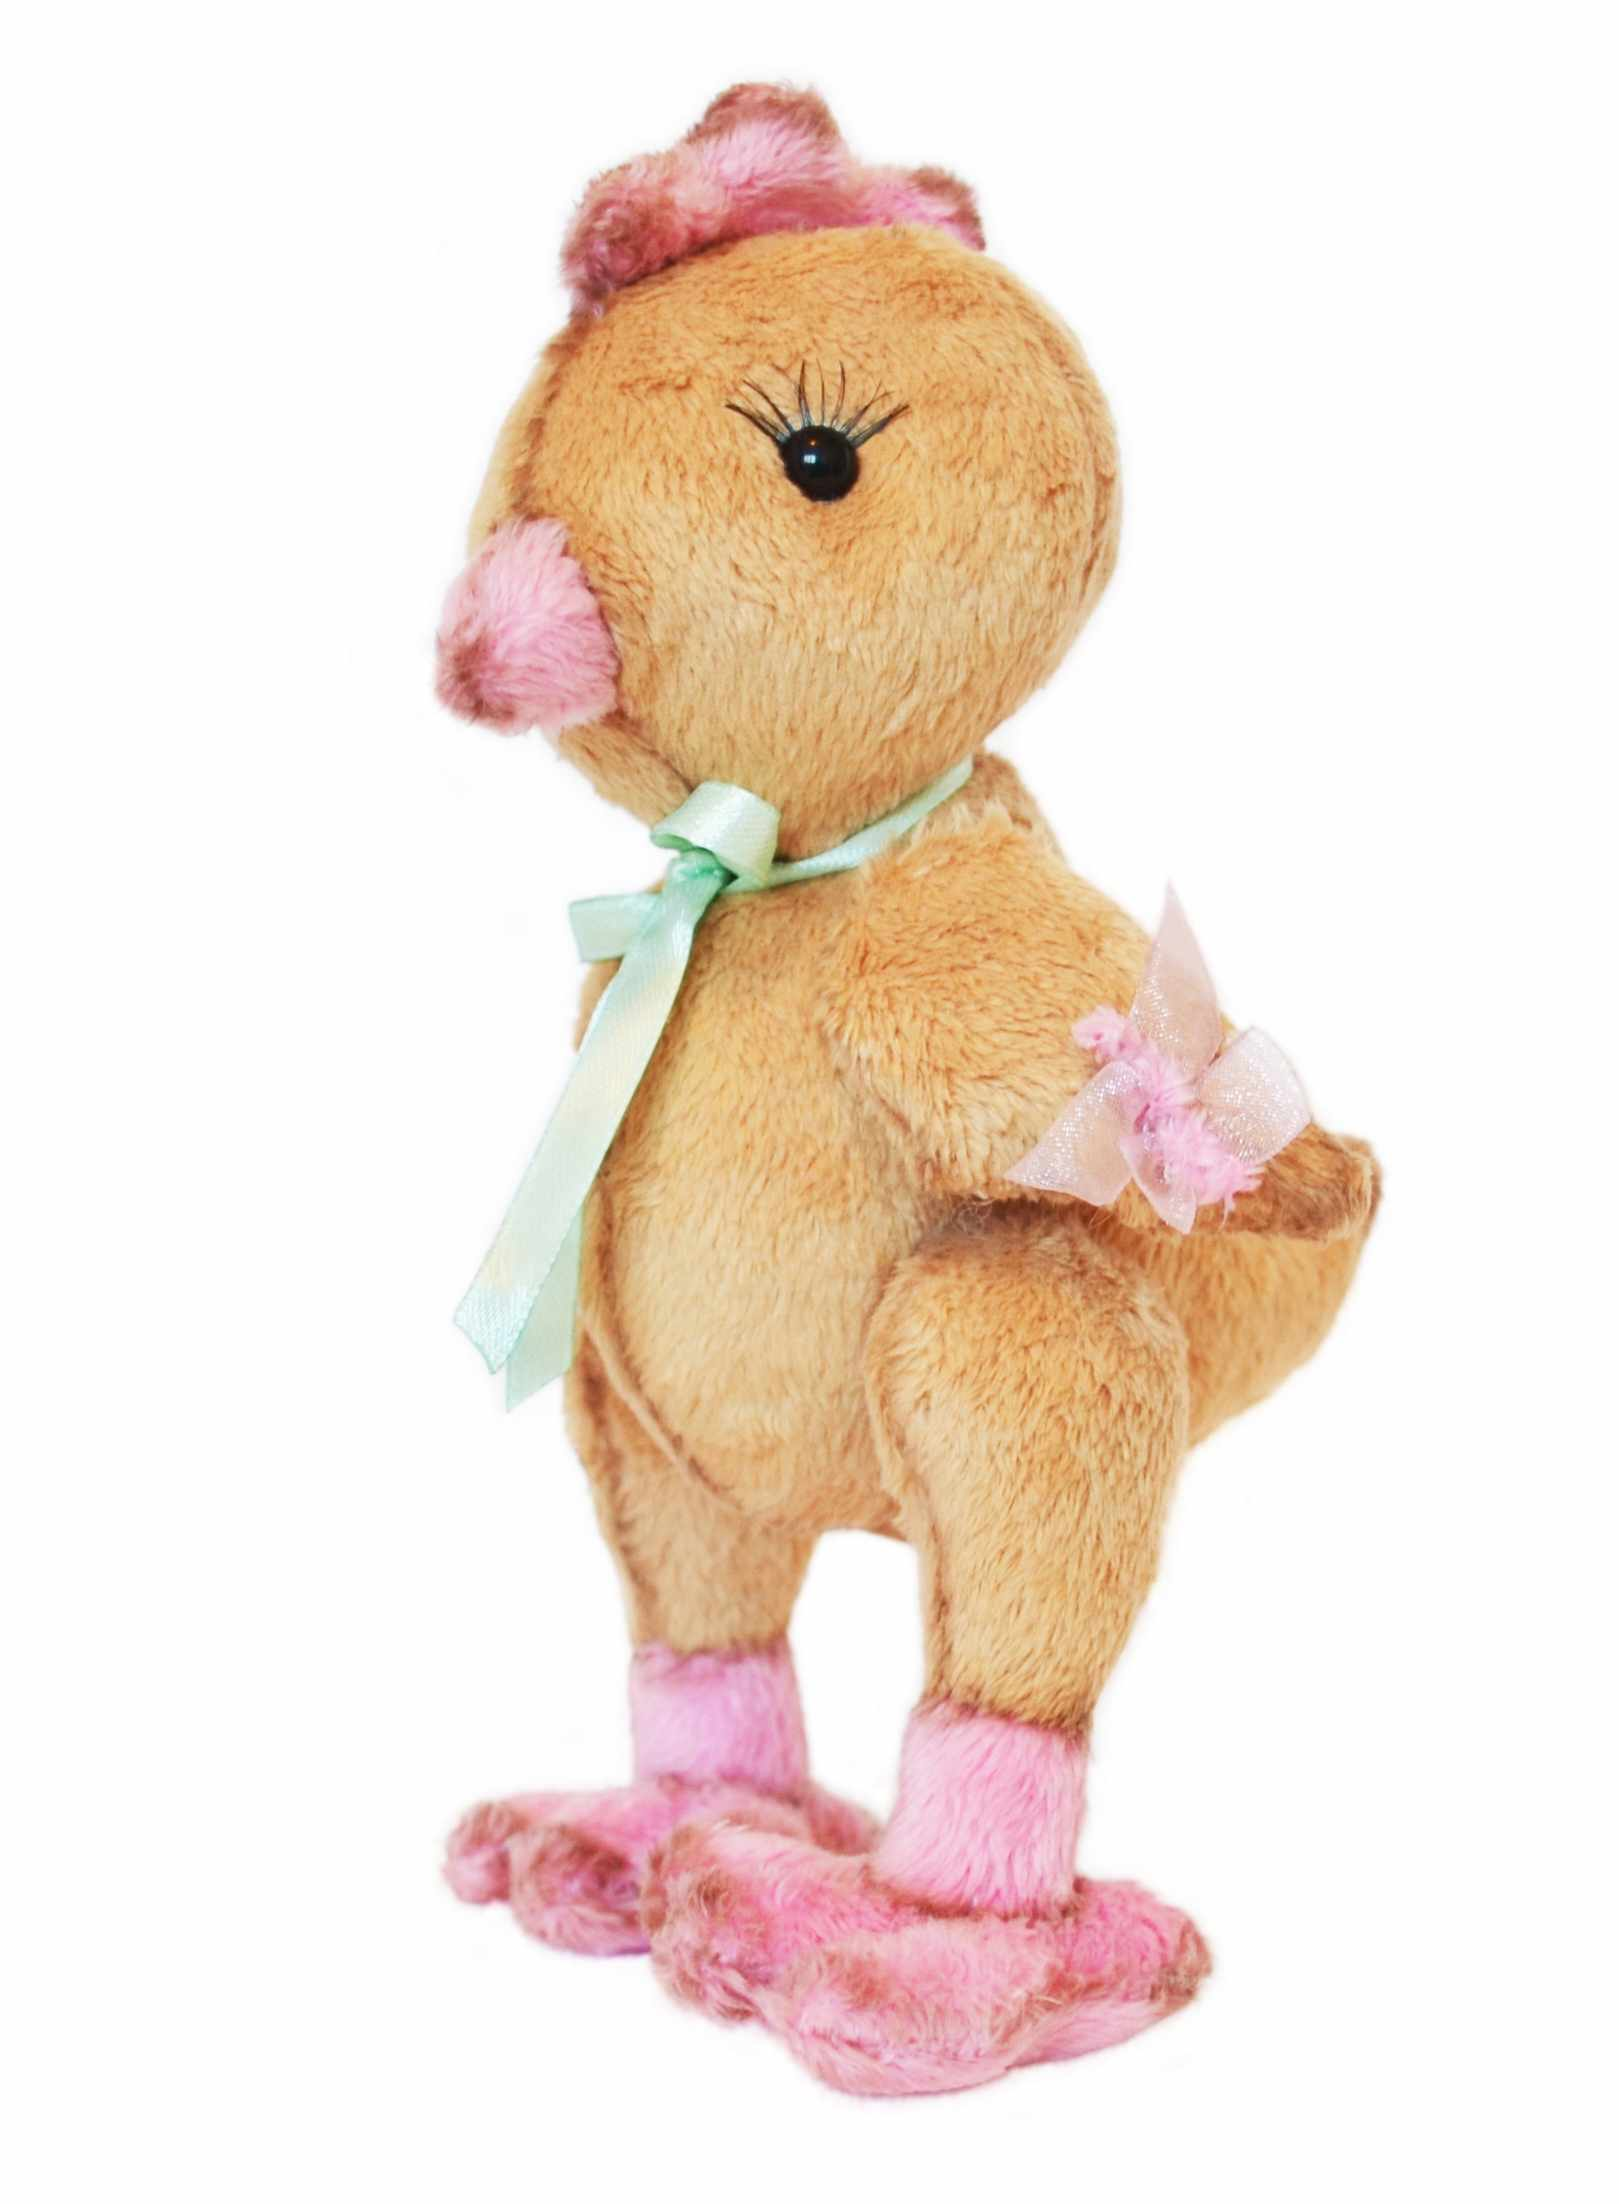 ММВ-007 Цыпленок Тоффи  - игрушка